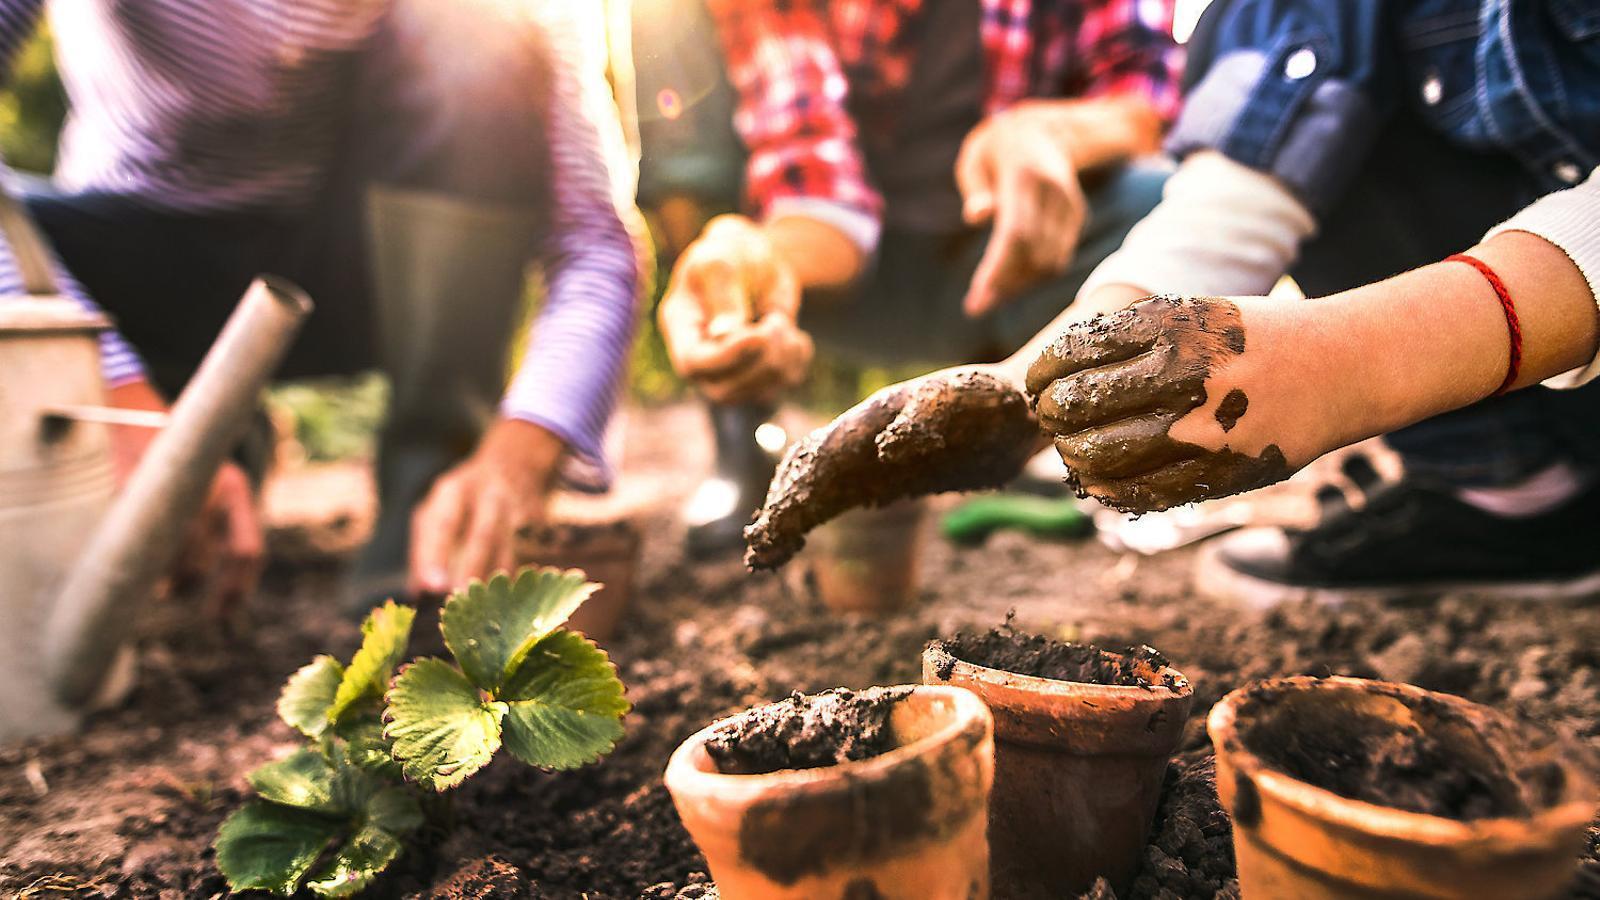 El consell La jardinoteràpia s'ha utilitzat en programes de rehabilitació, entrenaments ocupacionals, clíniques psiquiàtriques i mentals, hospitals, presons i escoles.